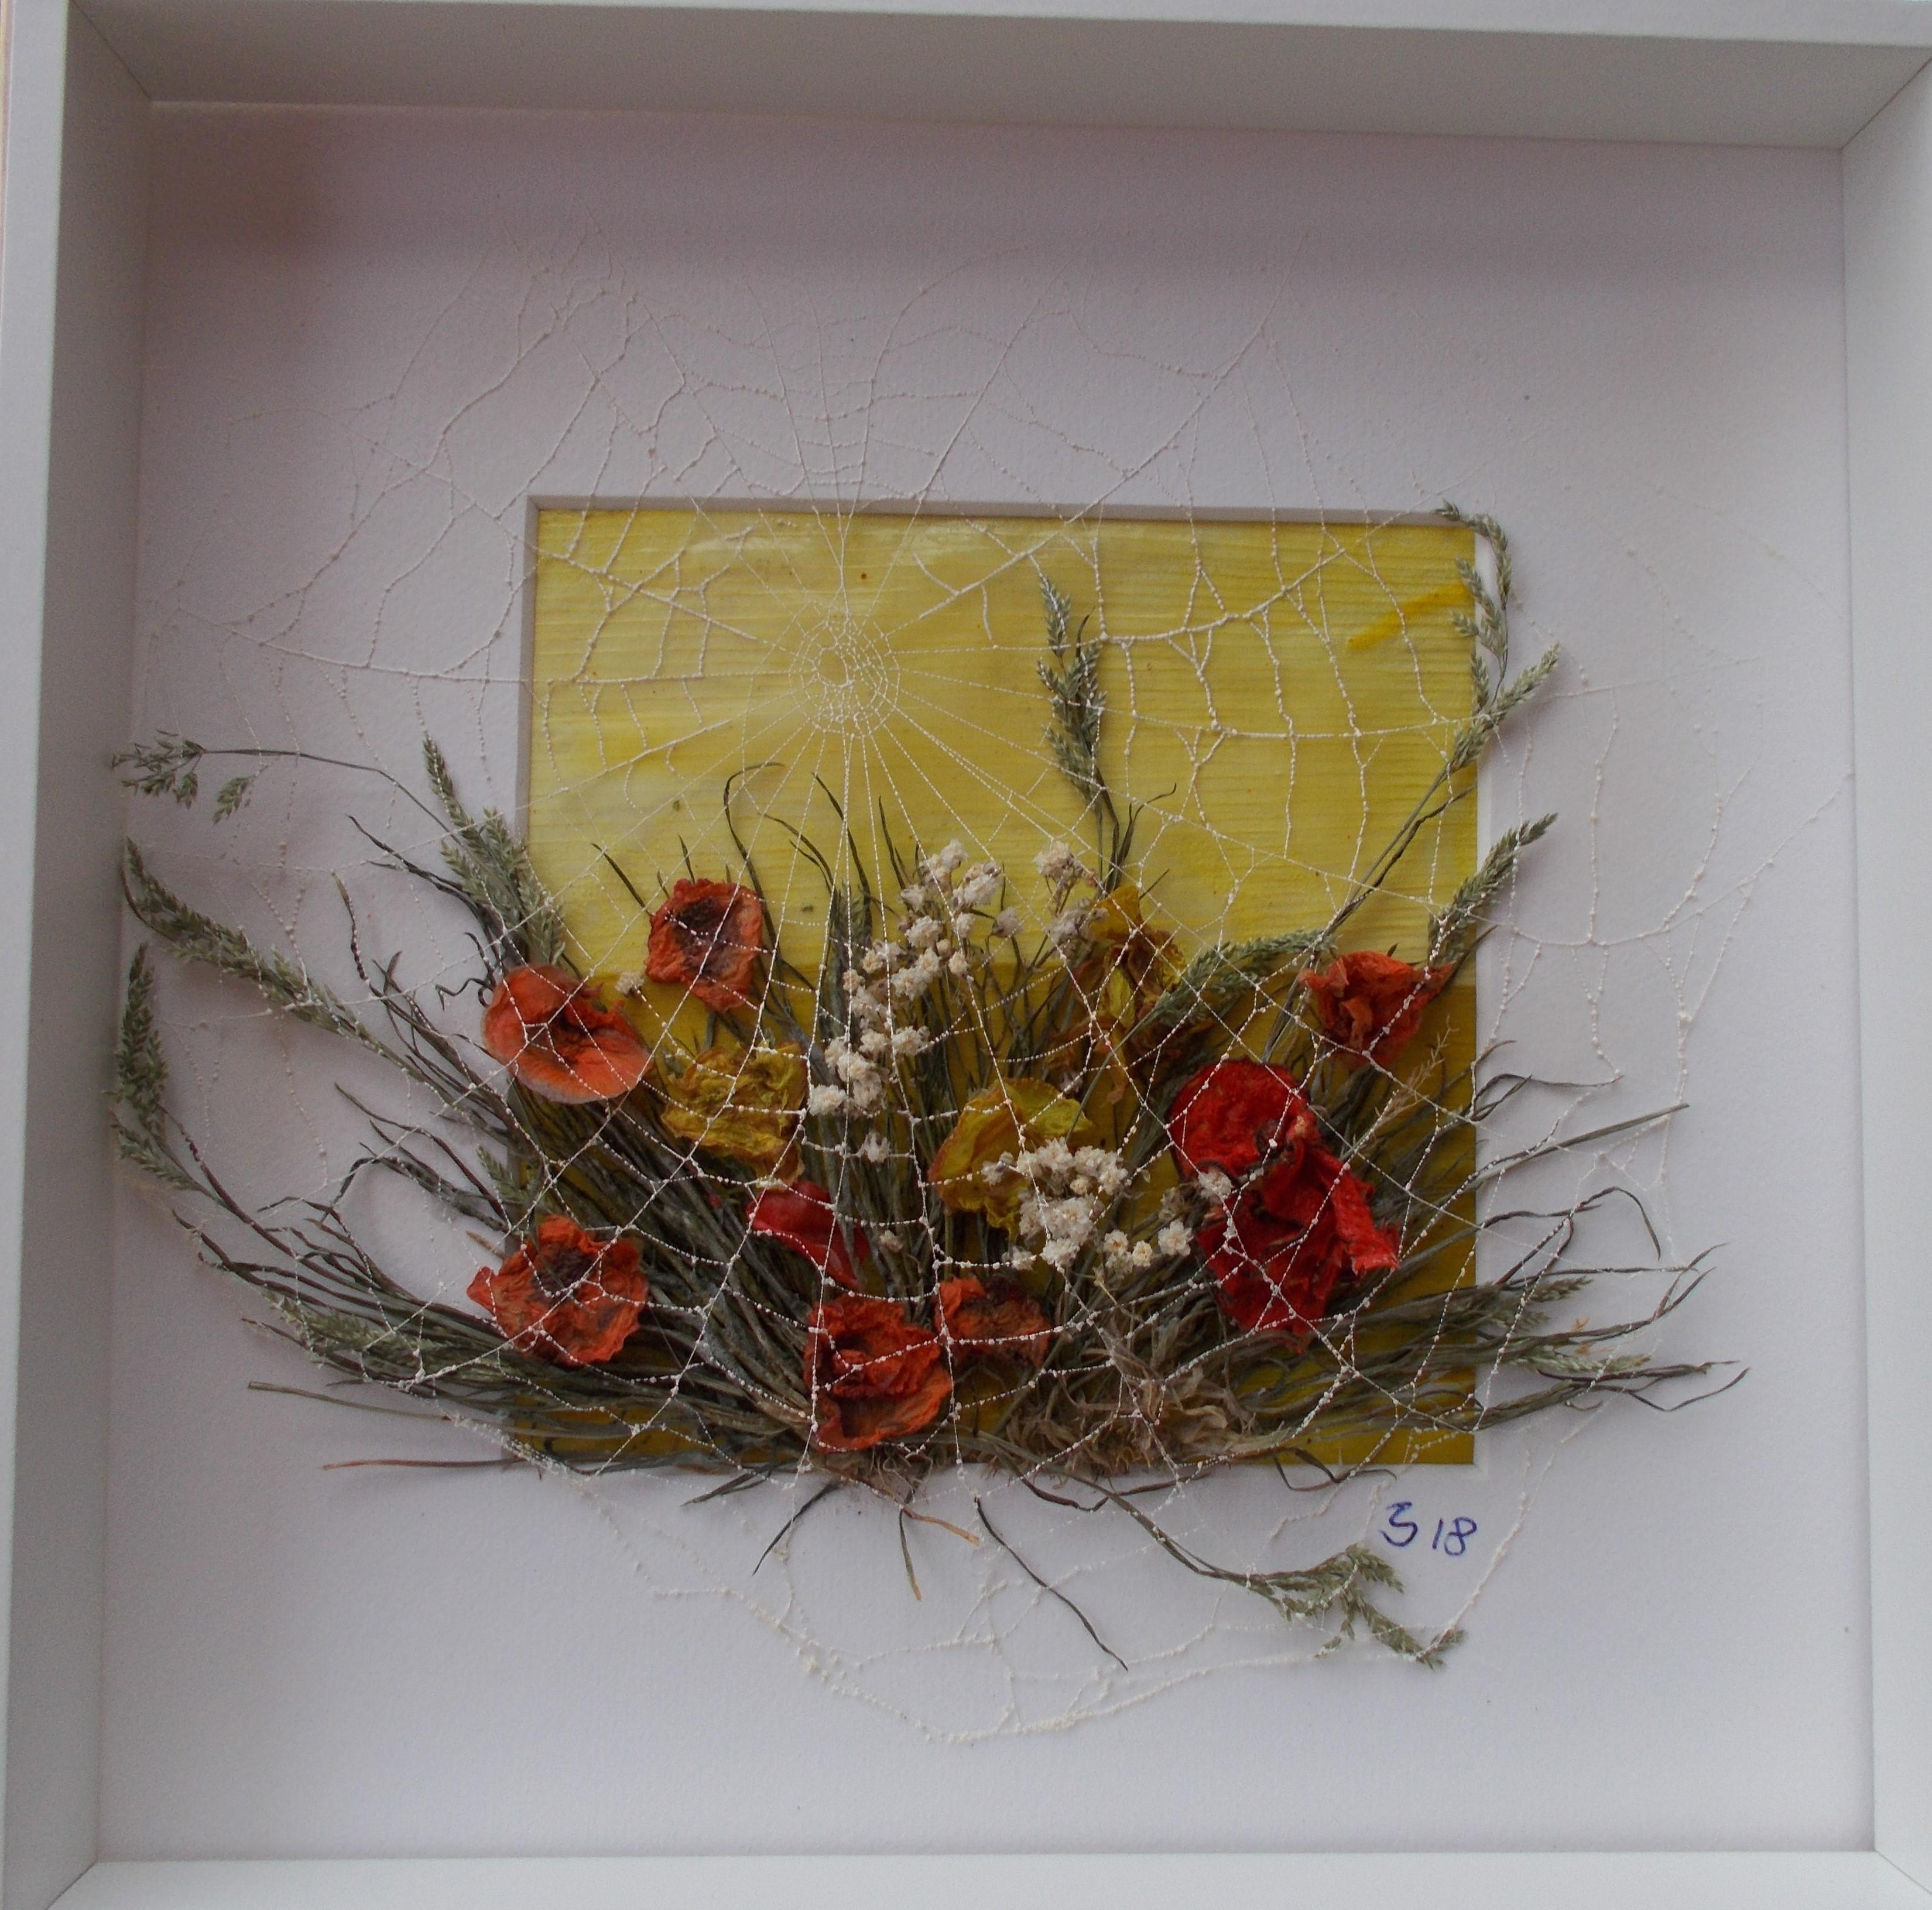 Herbstblumen mitPorreeintergrund 30*30